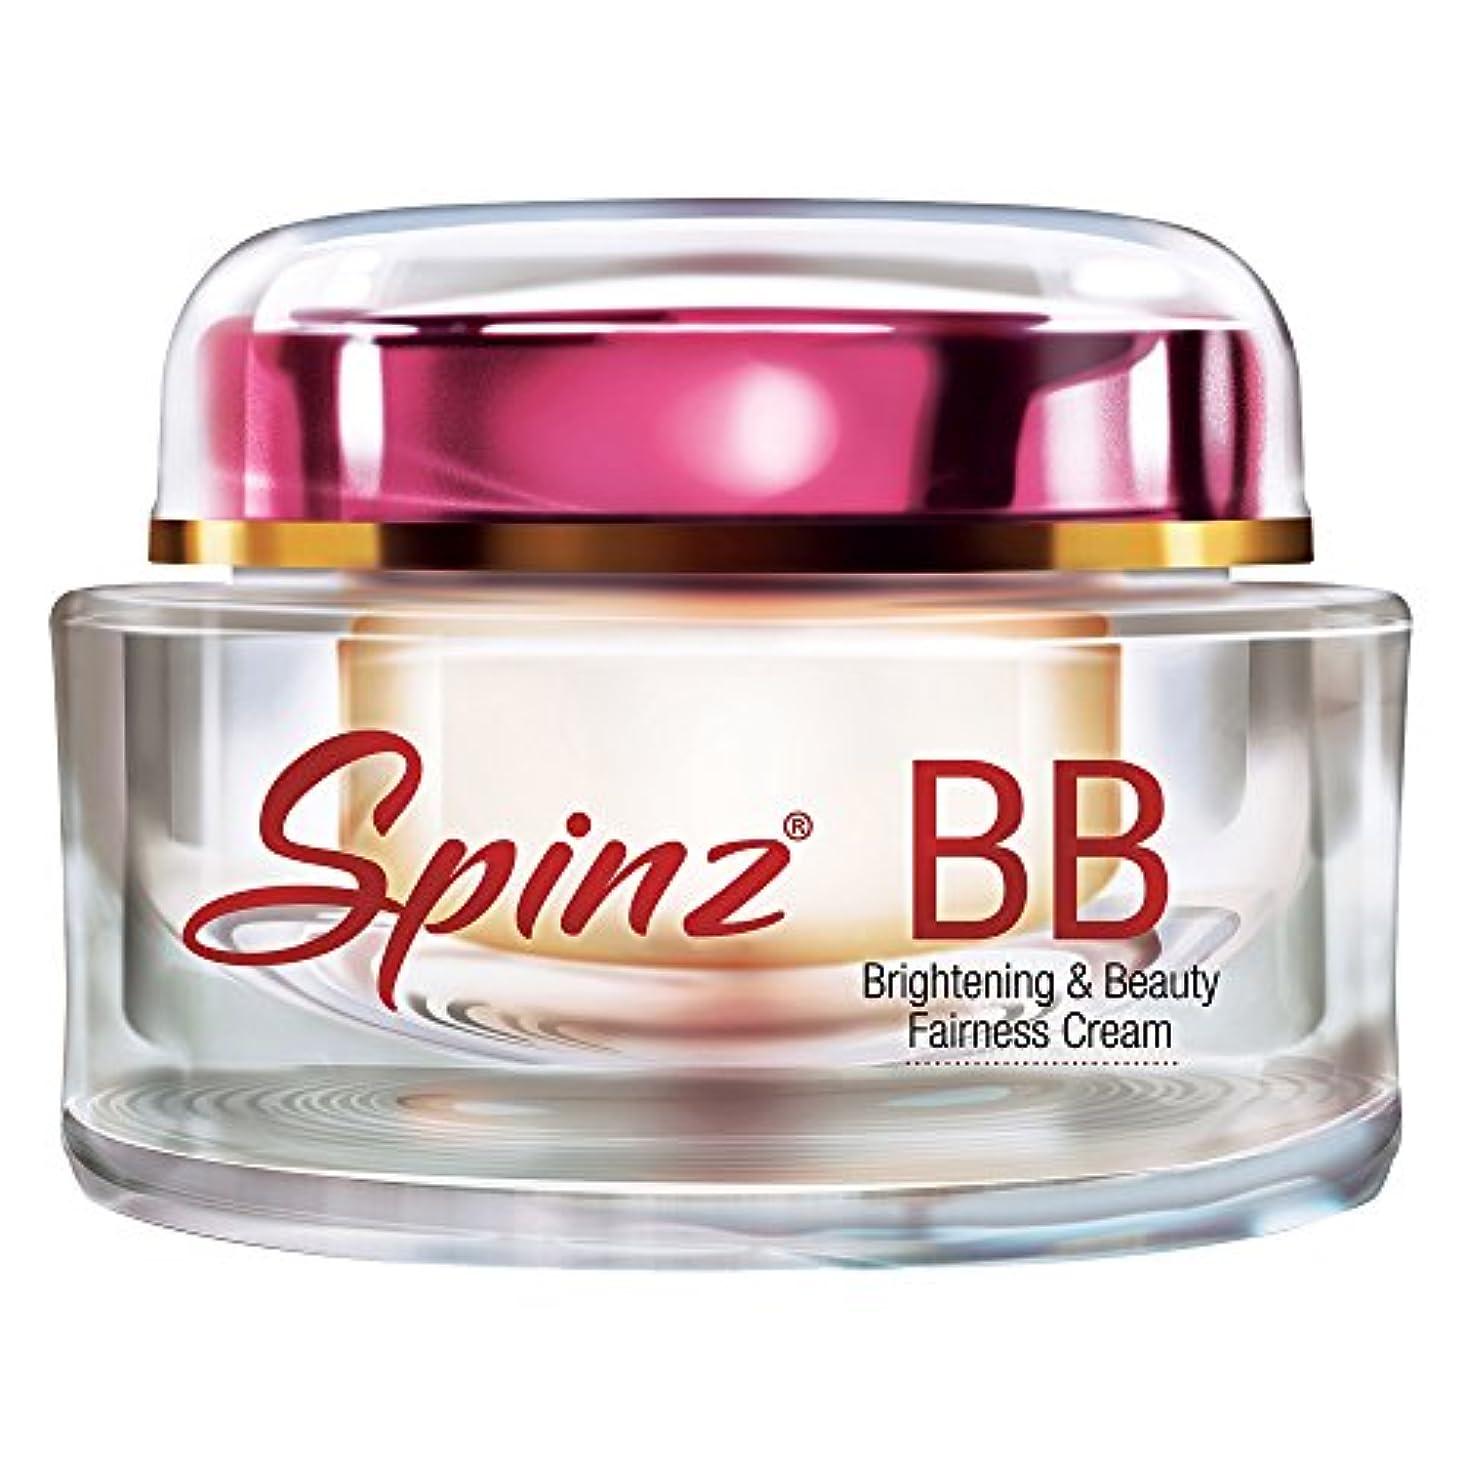 Spinz BB Fairness Cream, 50gm